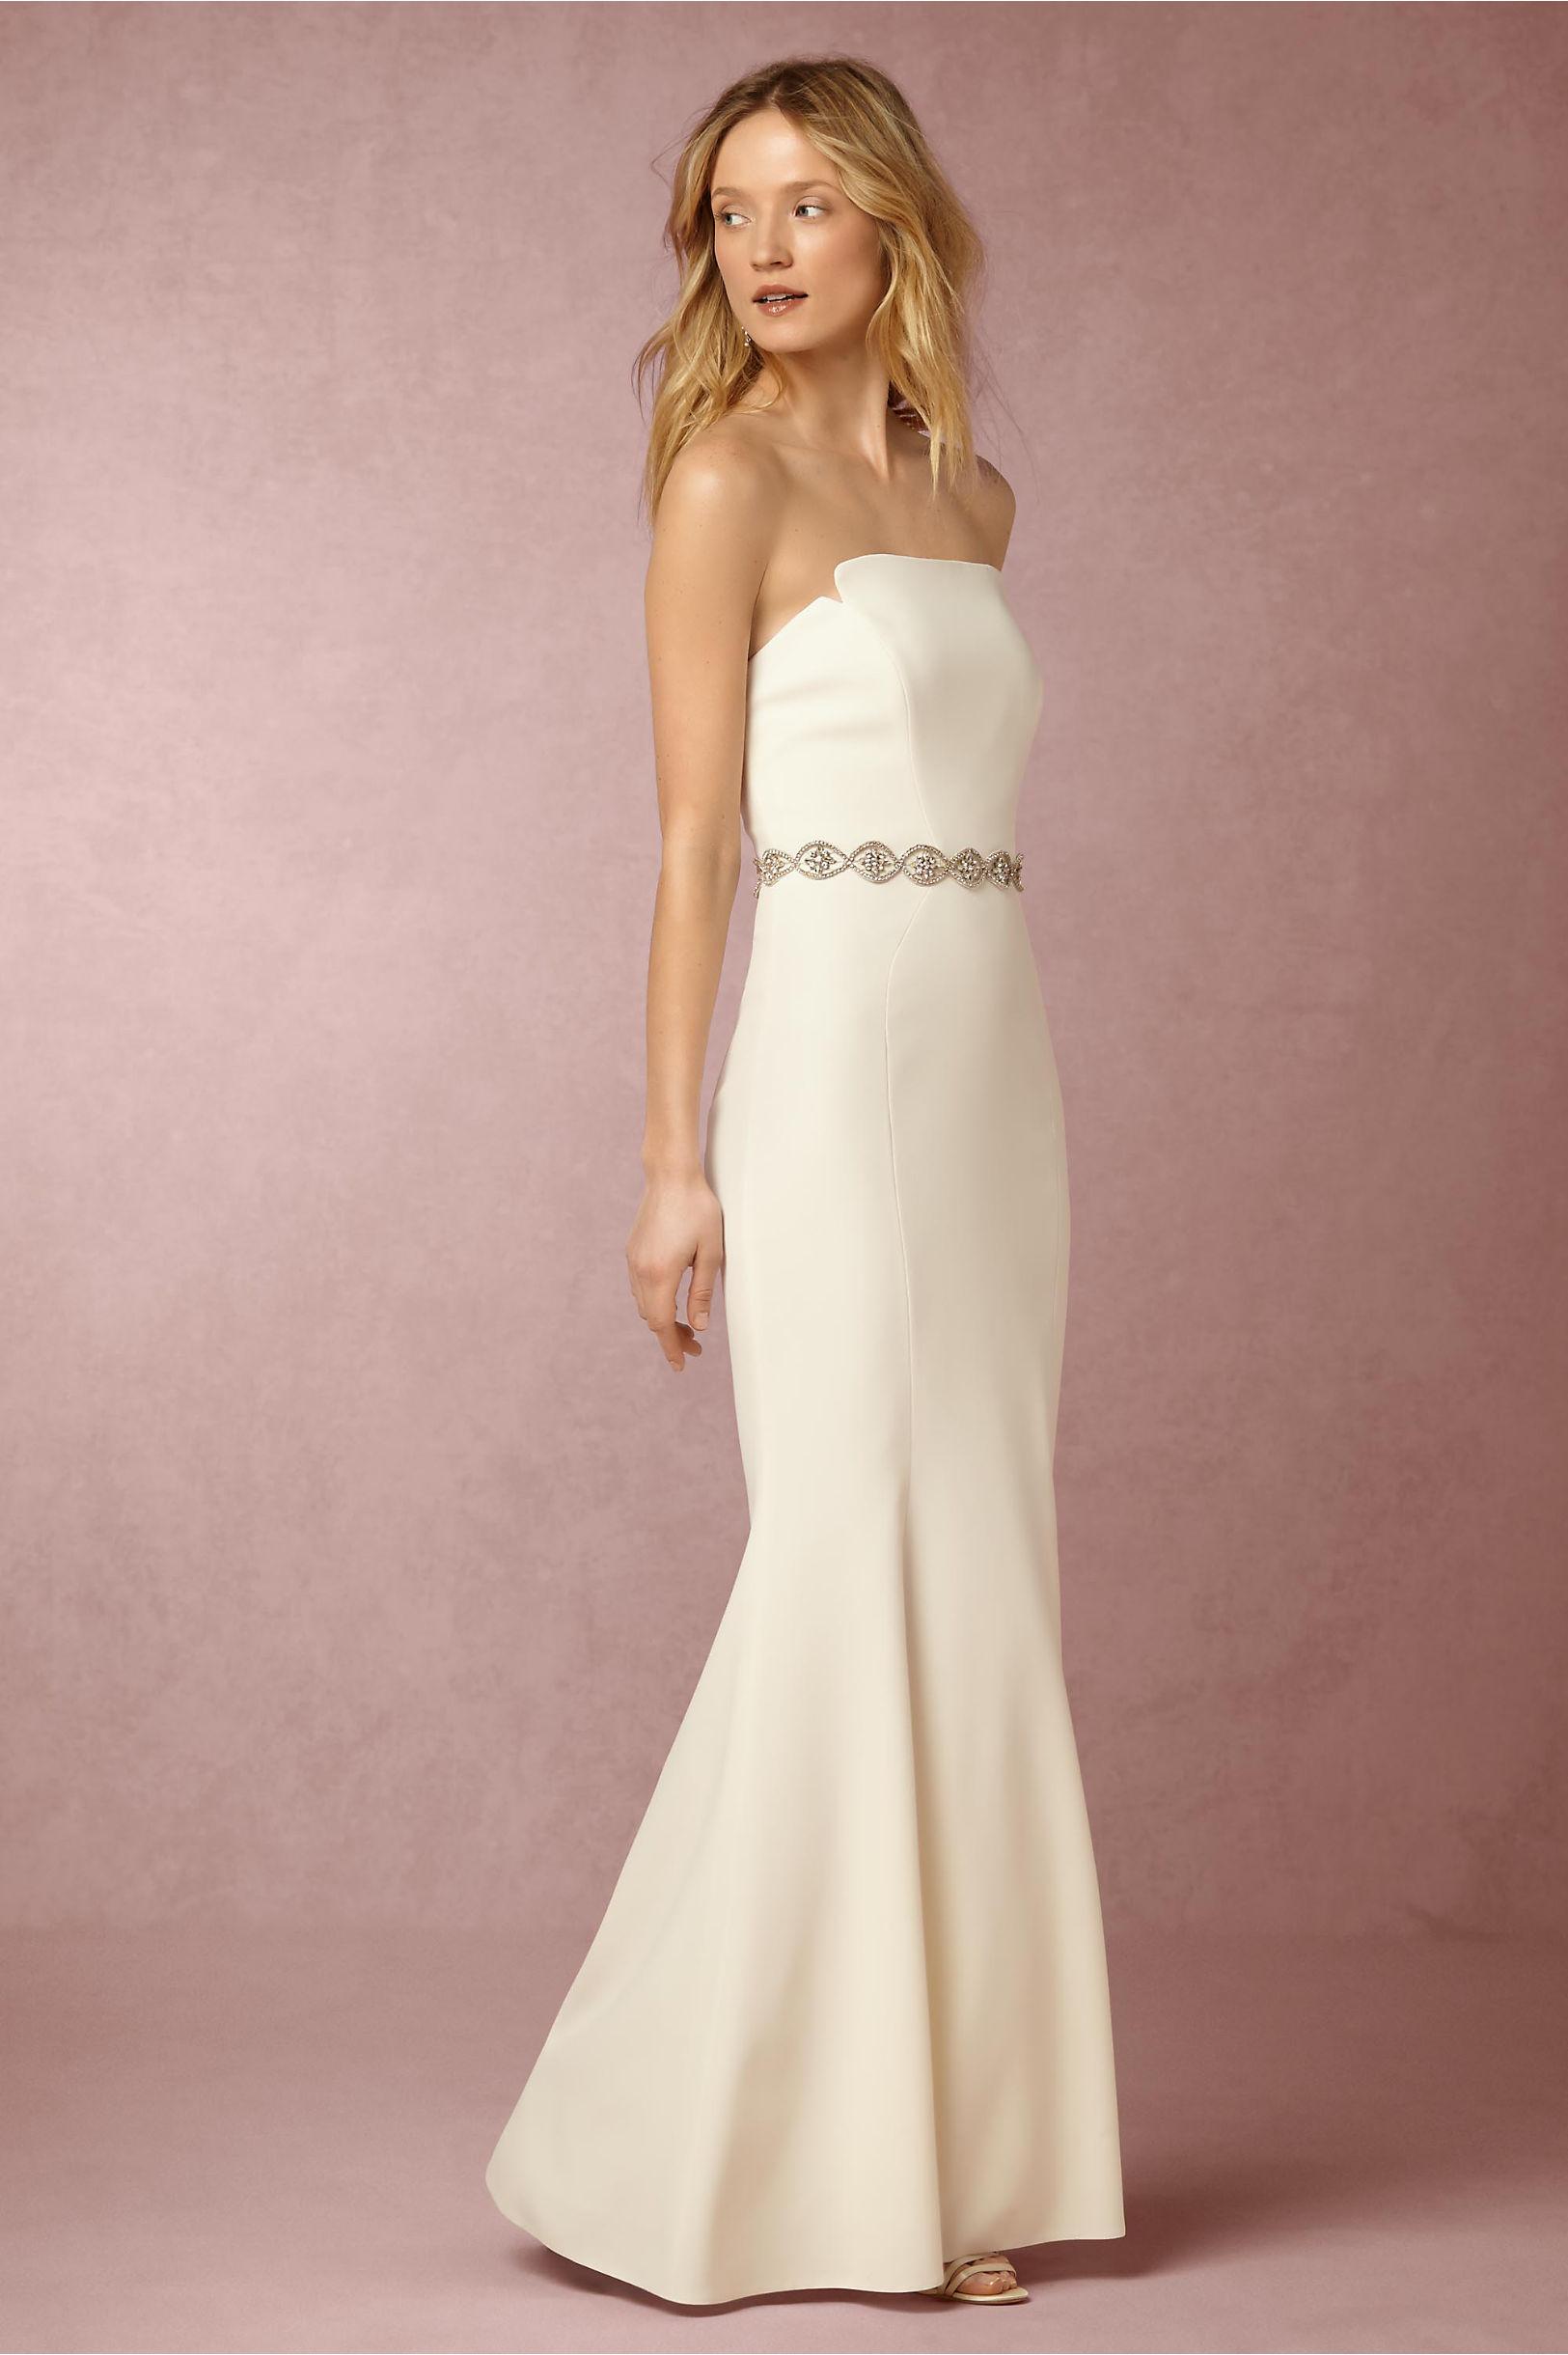 Bronwyn Dress in Bride | BHLDN